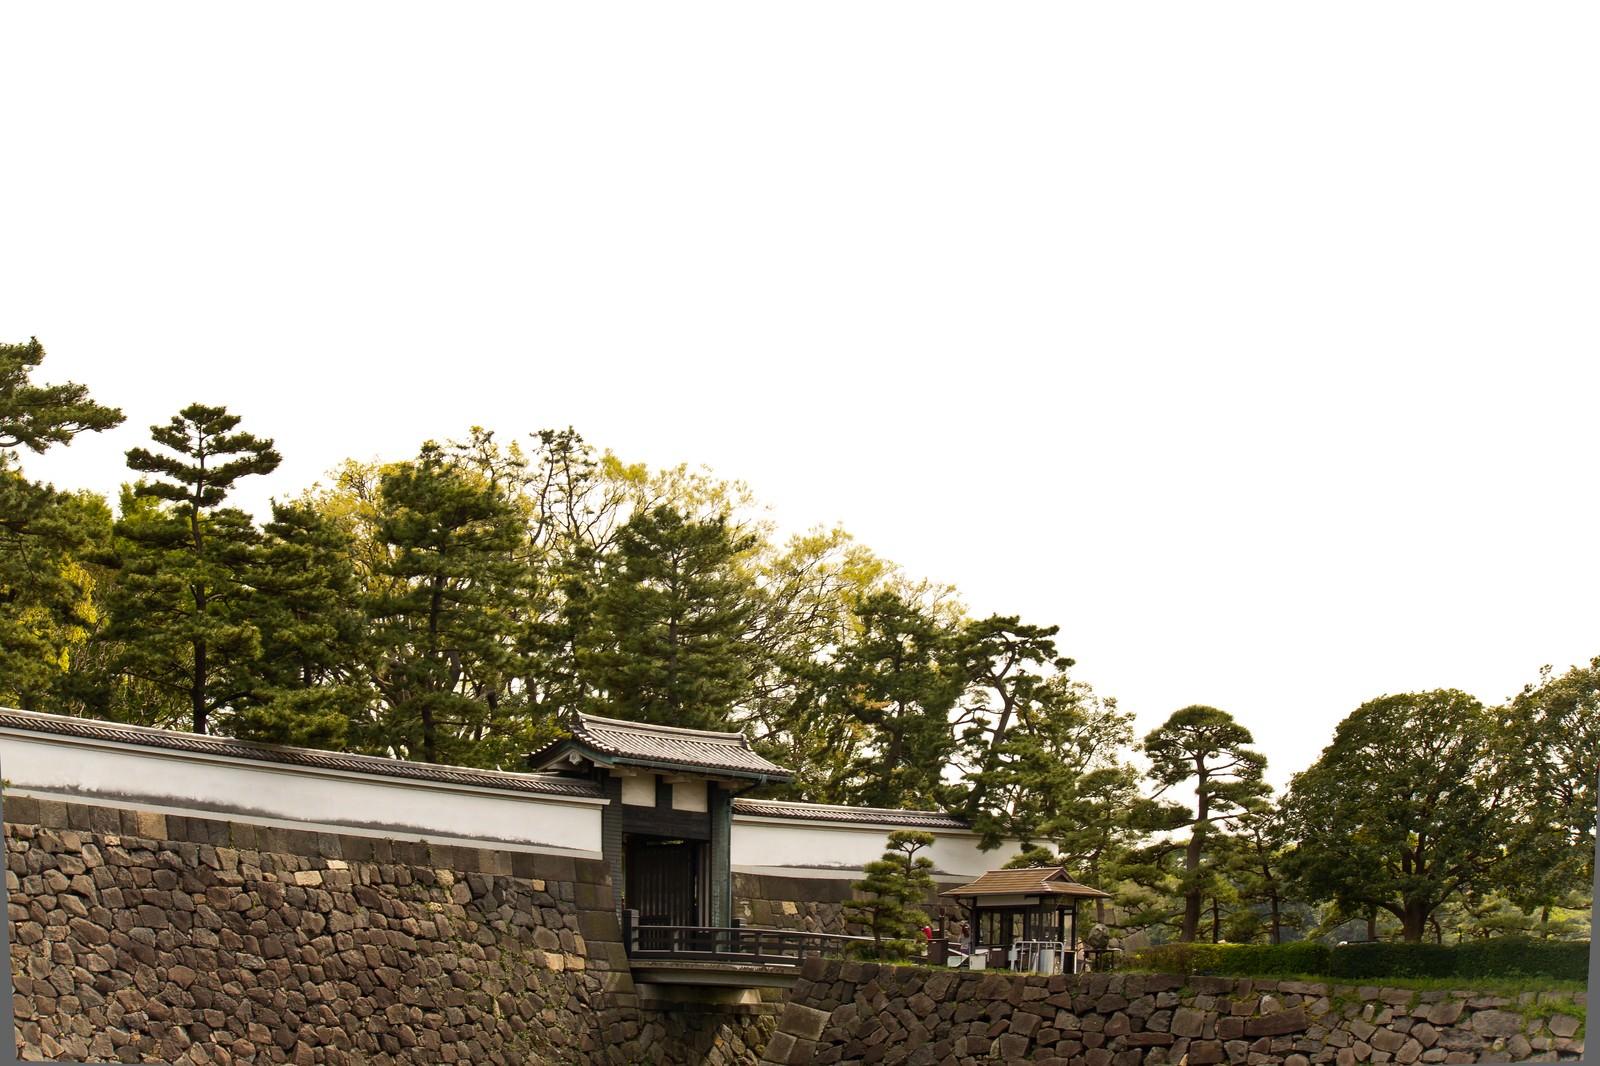 「皇居のお堀と松」の写真